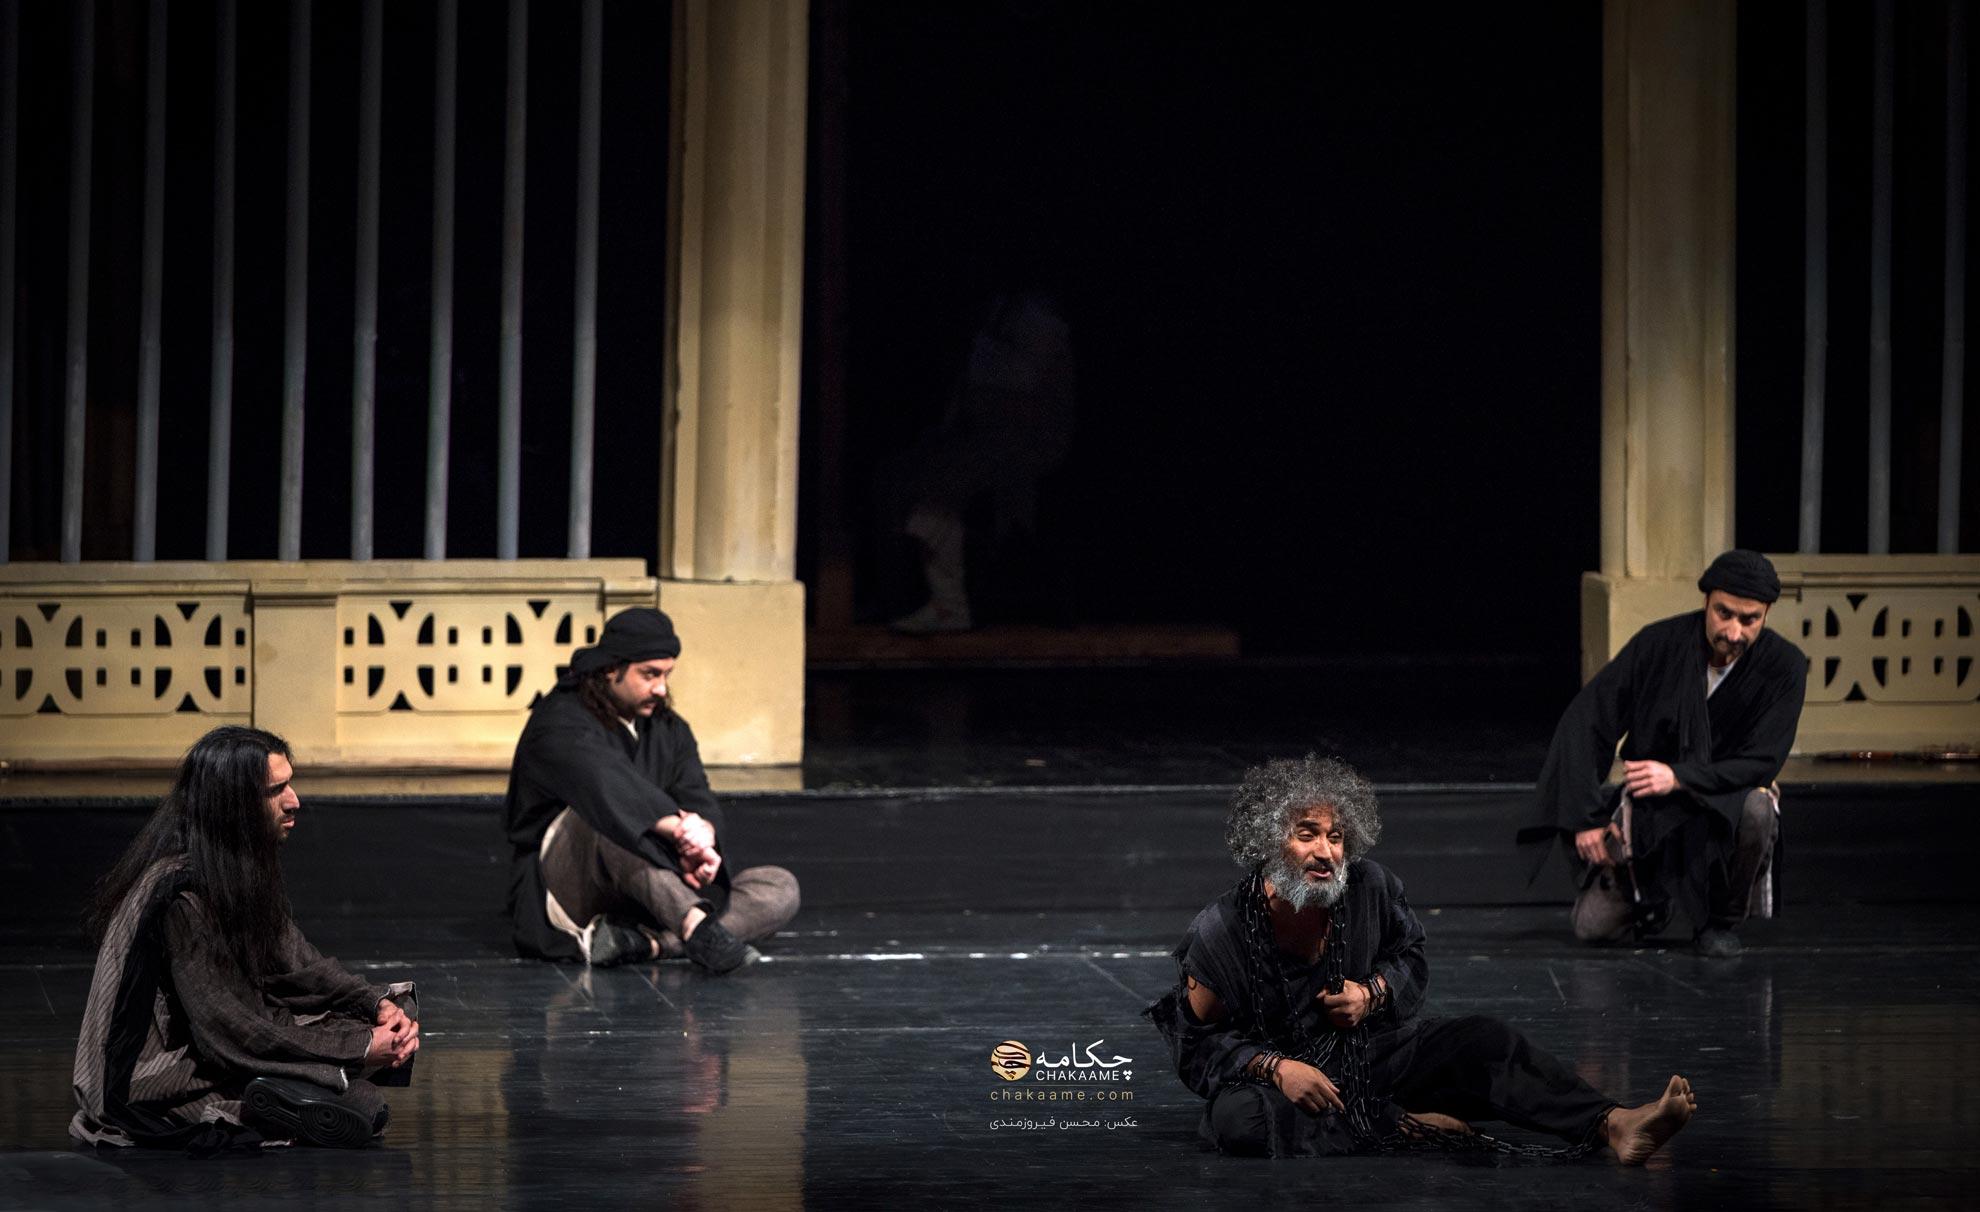 کنسرت اپرای حلاج - پرواز همای و گروه مستان